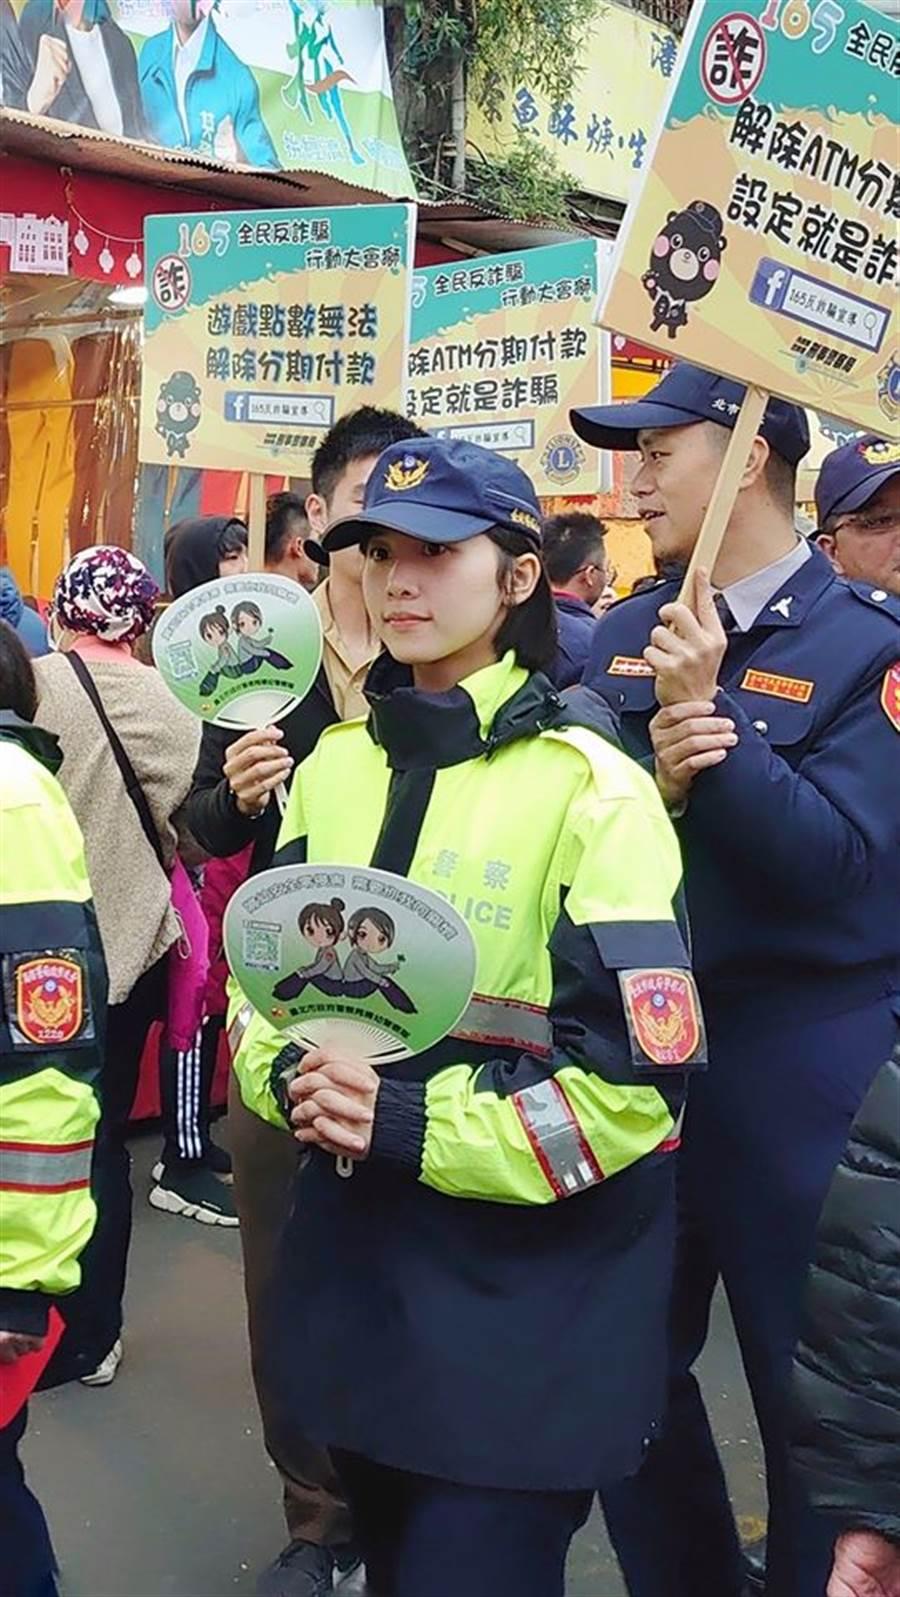 有民眾發現在街頭宣導犯詐騙的女警顏值超高。(圖翻攝自FB/爆廢公社)